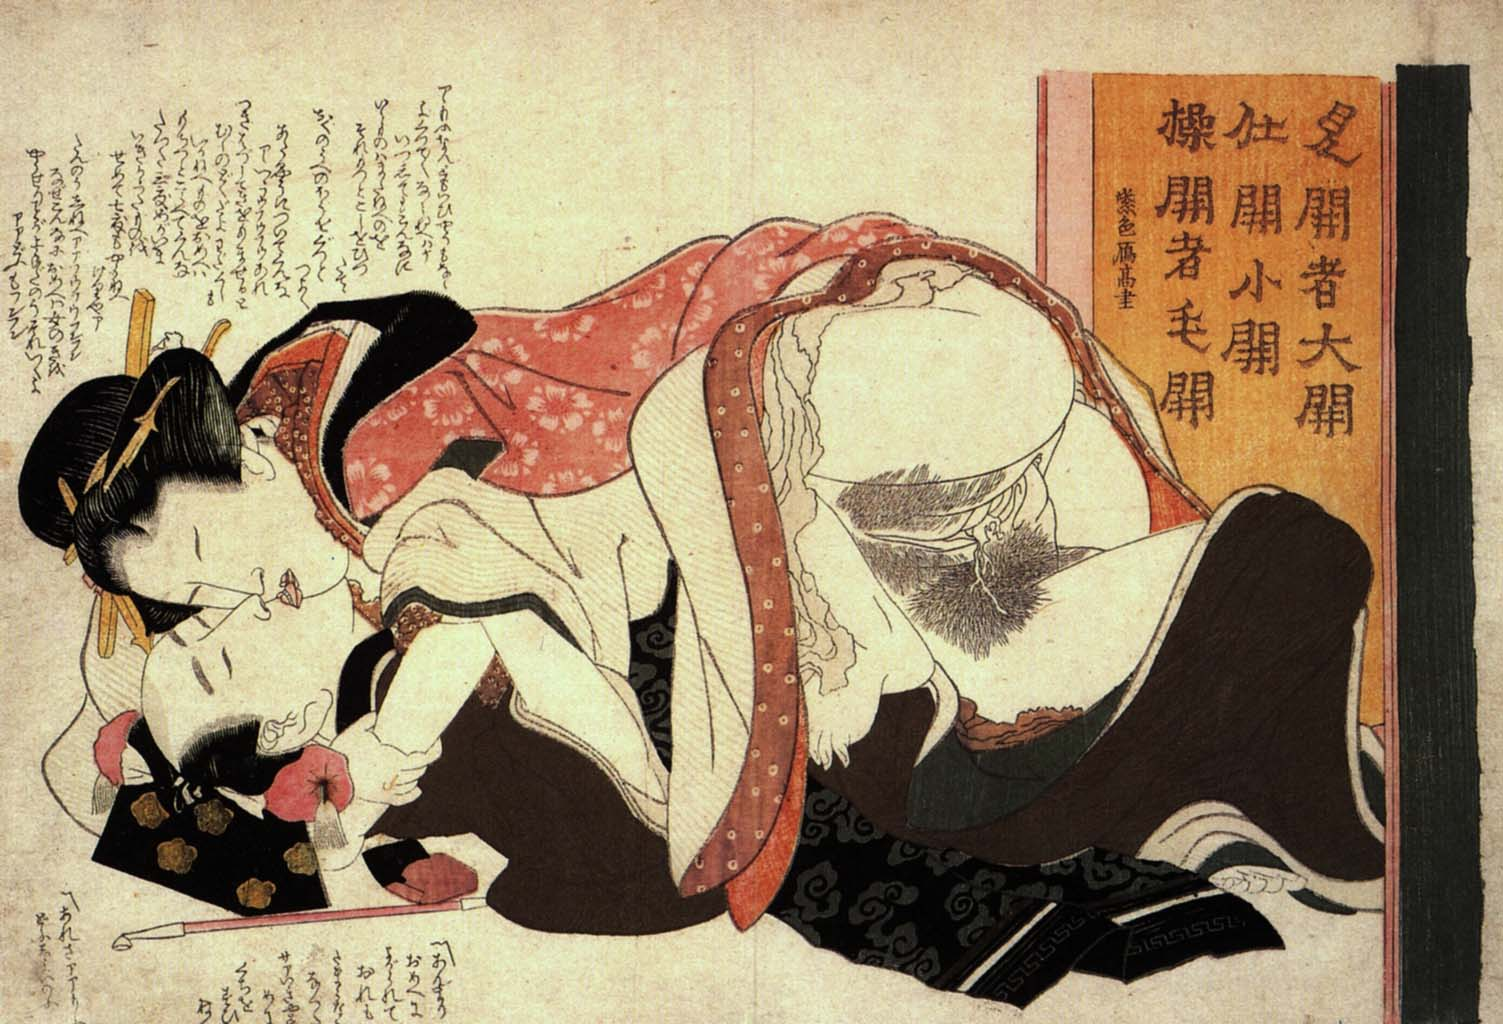 Кацусика Хокусай (Katsushika Hokusai), Shunga – 13